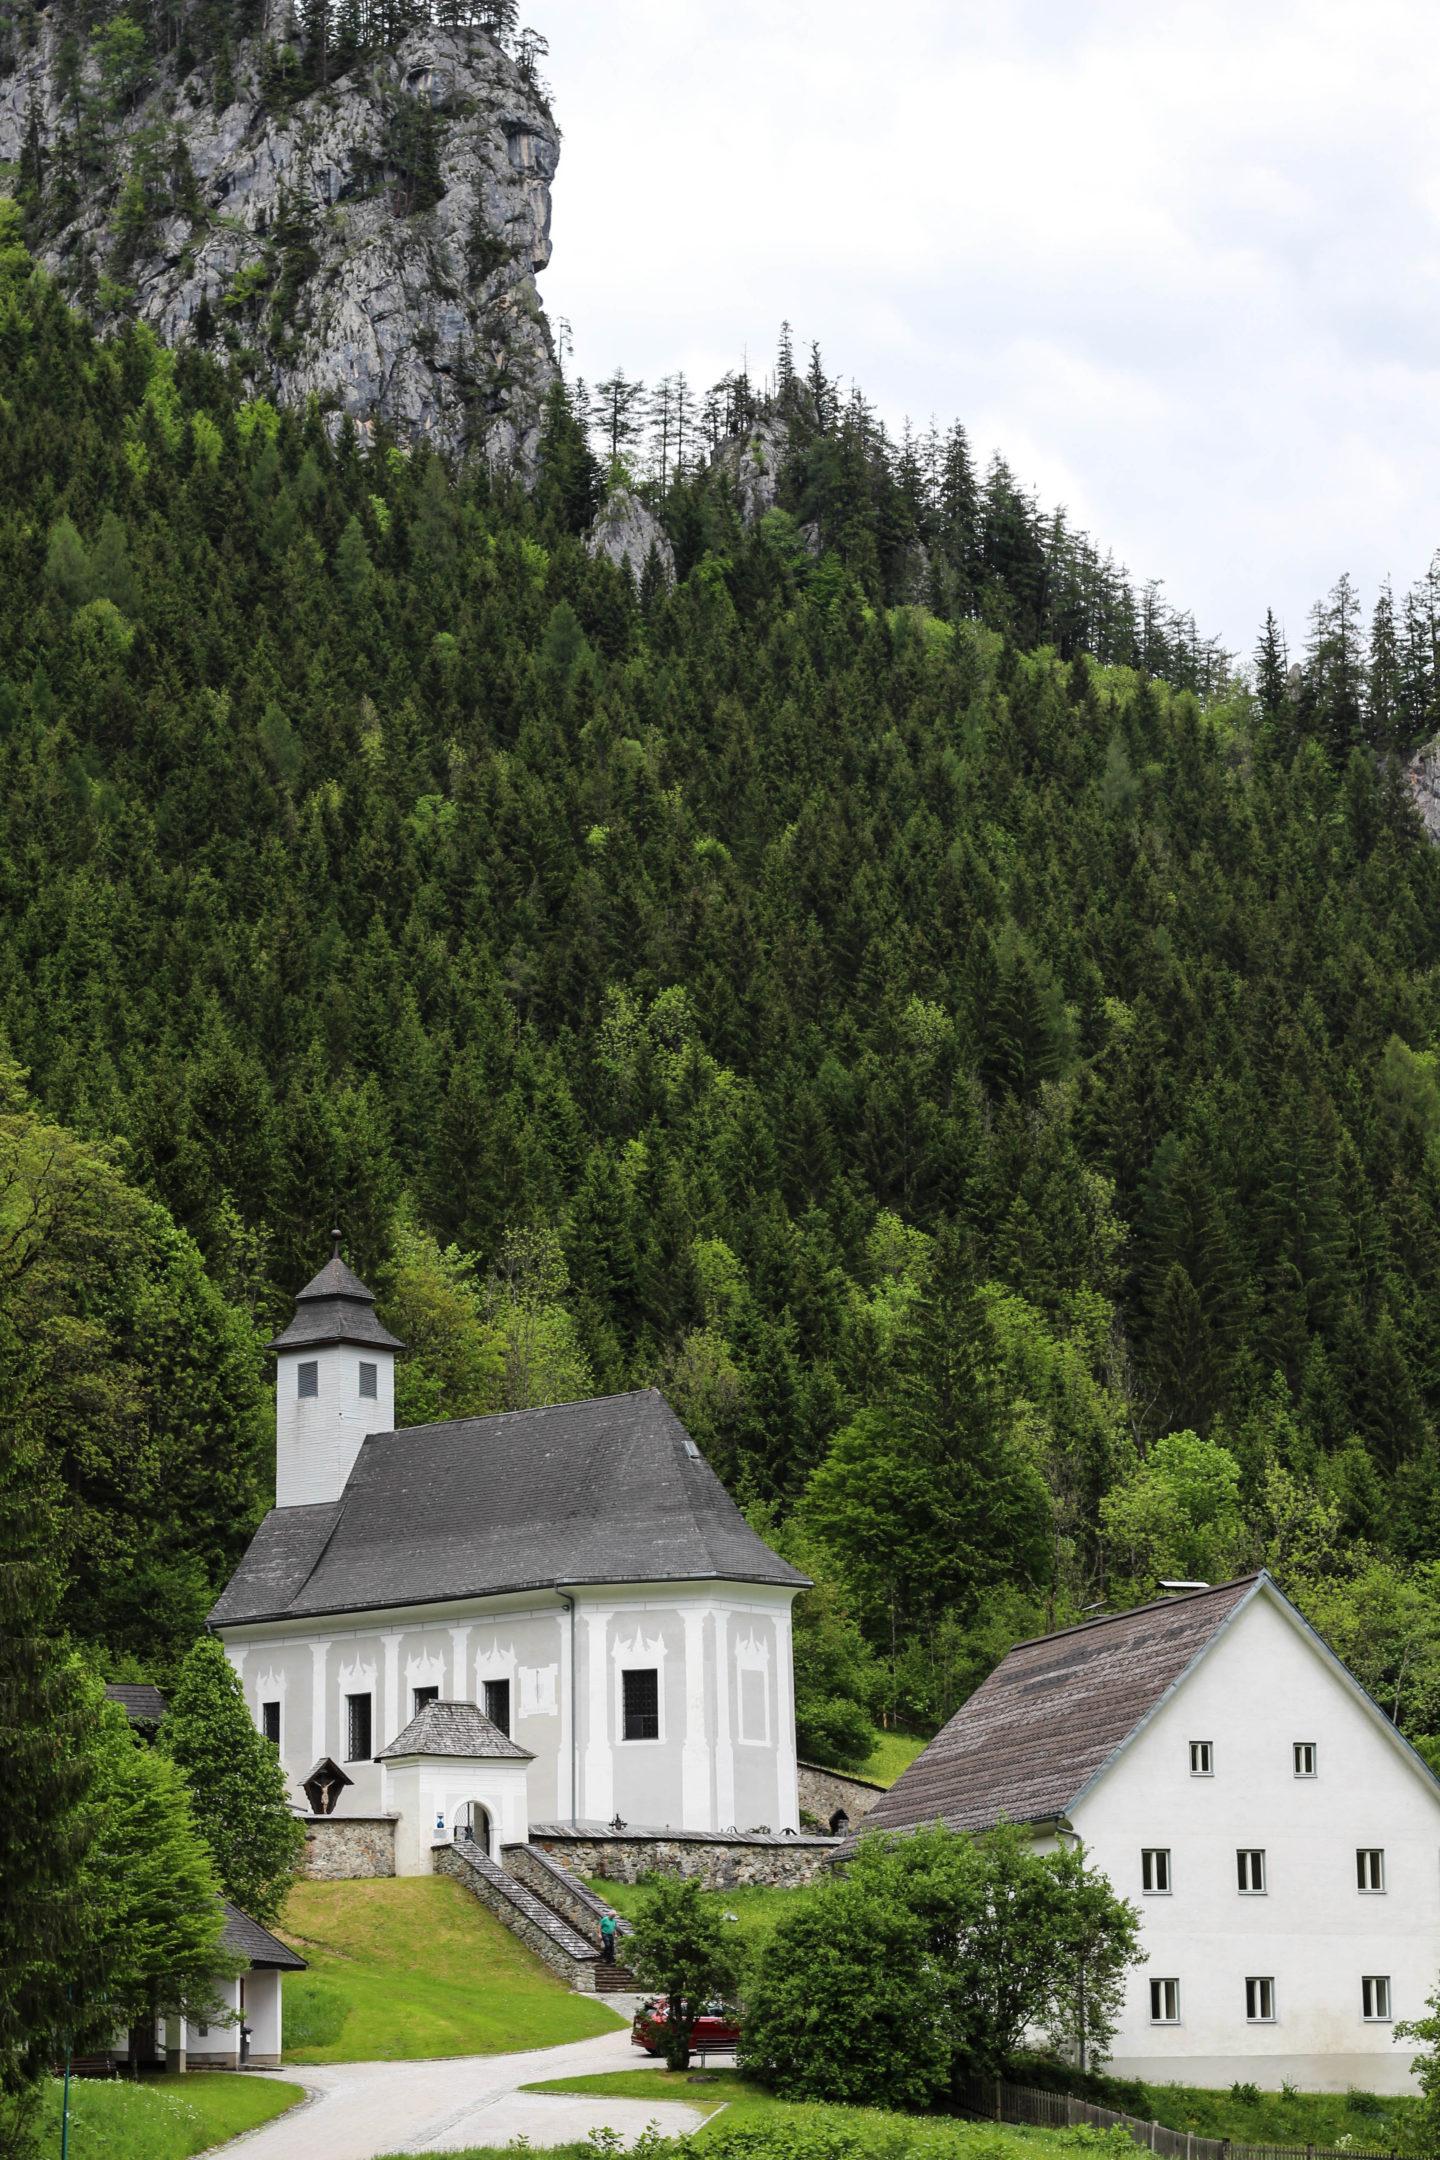 Vegan HomeSpa, Gesäuse,Berge,Austria,Mountains,Alps,Gstatterboden,Johnsbach,Bibelweg,Wanderlust,